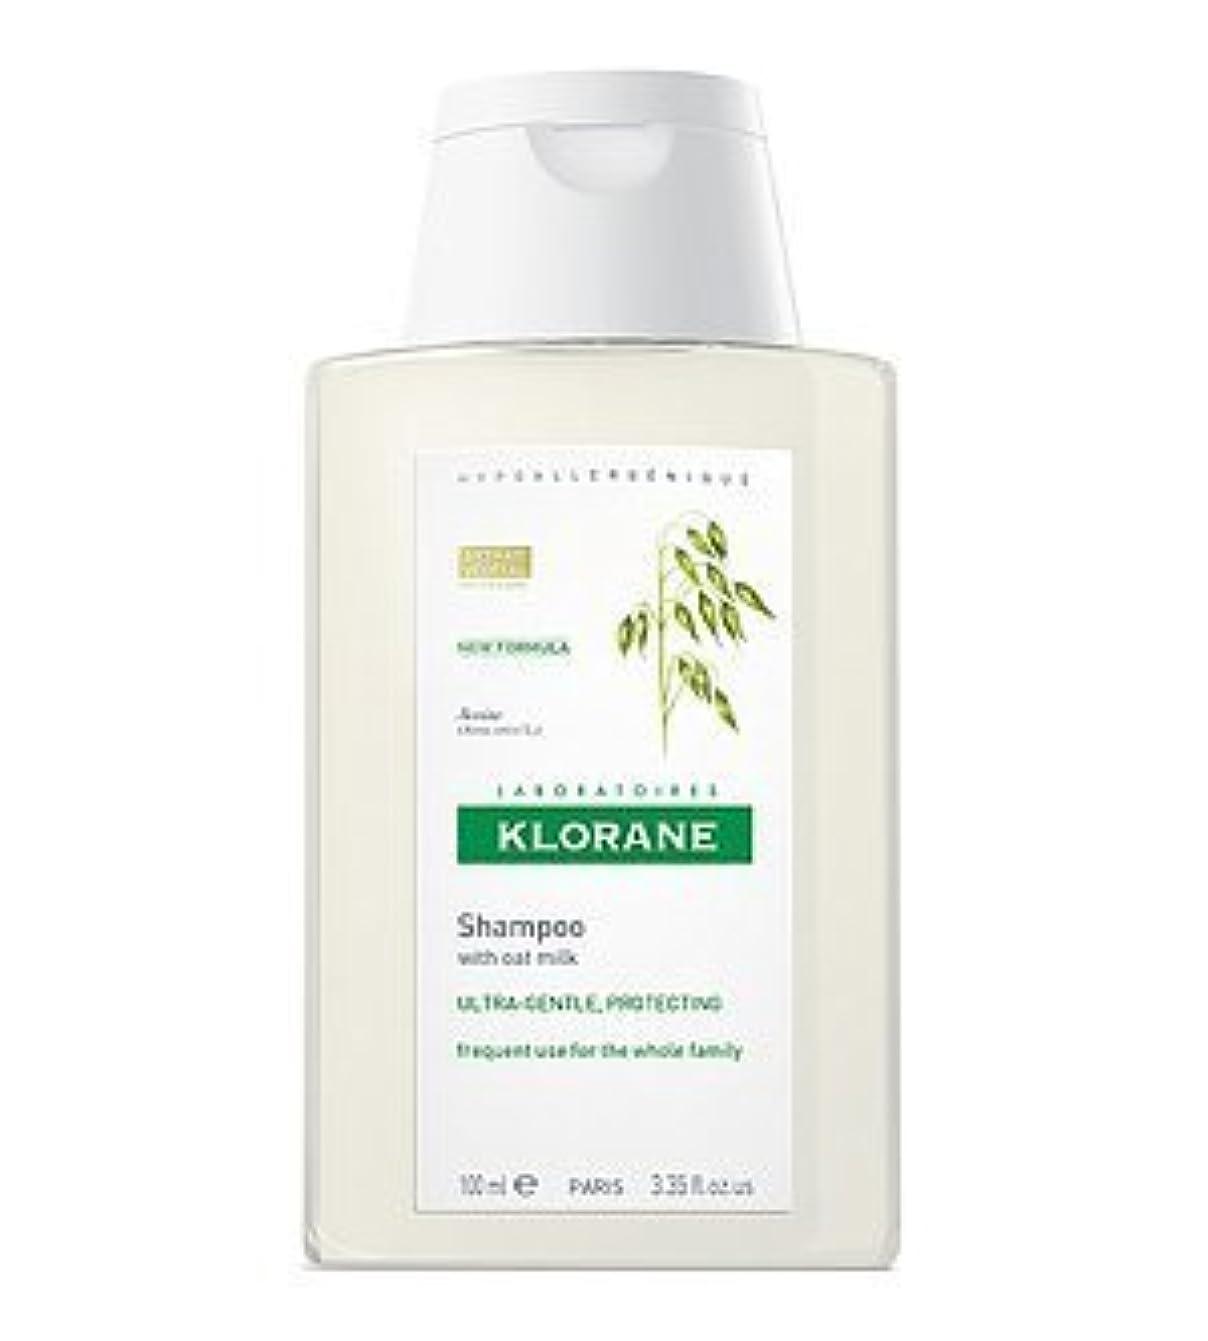 トランペット編集者試みKlorane Shampoo with Oat Milk, 3.35 fl. oz. by Klorane [並行輸入品]